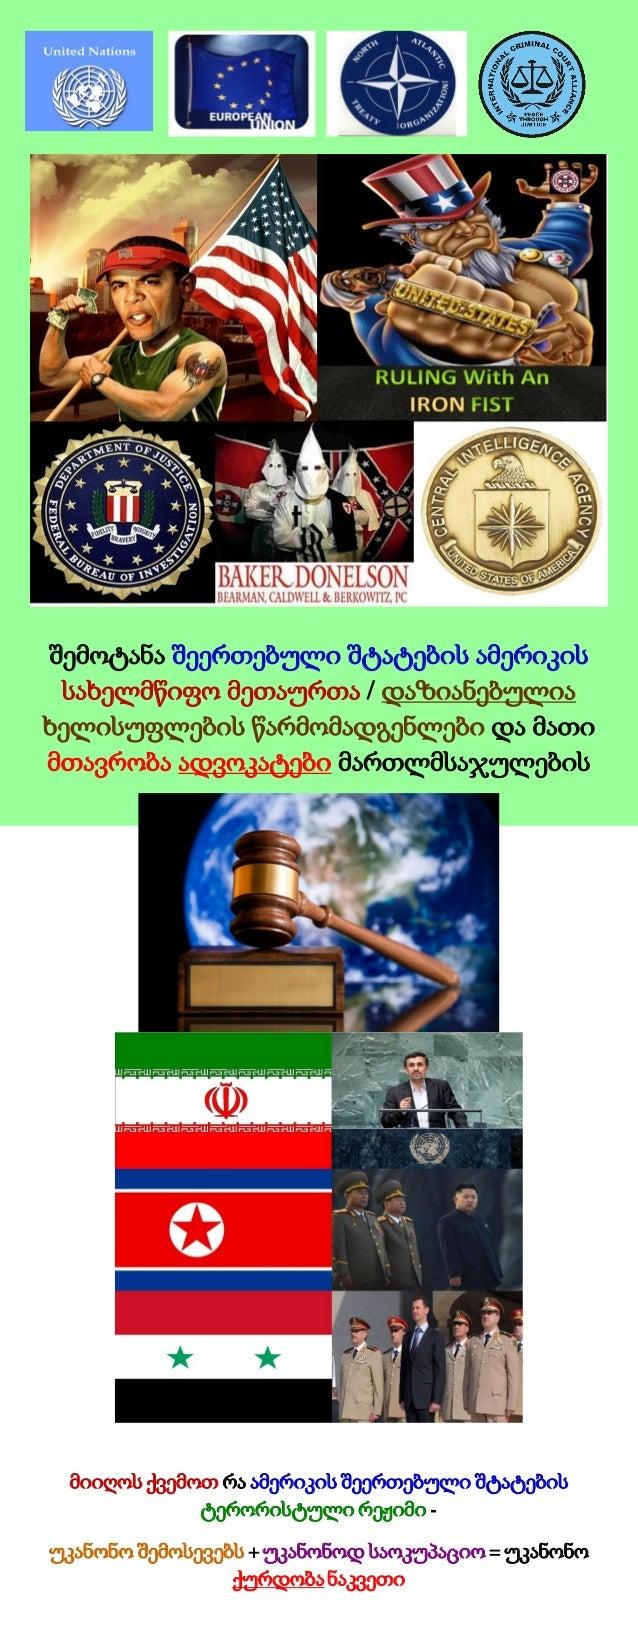 შემოტანა შეერთებული შტატების ამერიკის სახელმწიფო მეთაურთა / დაზიანებულია ხელისუფლების წარმომადგენლები და მათი მთავრობა ადვ...